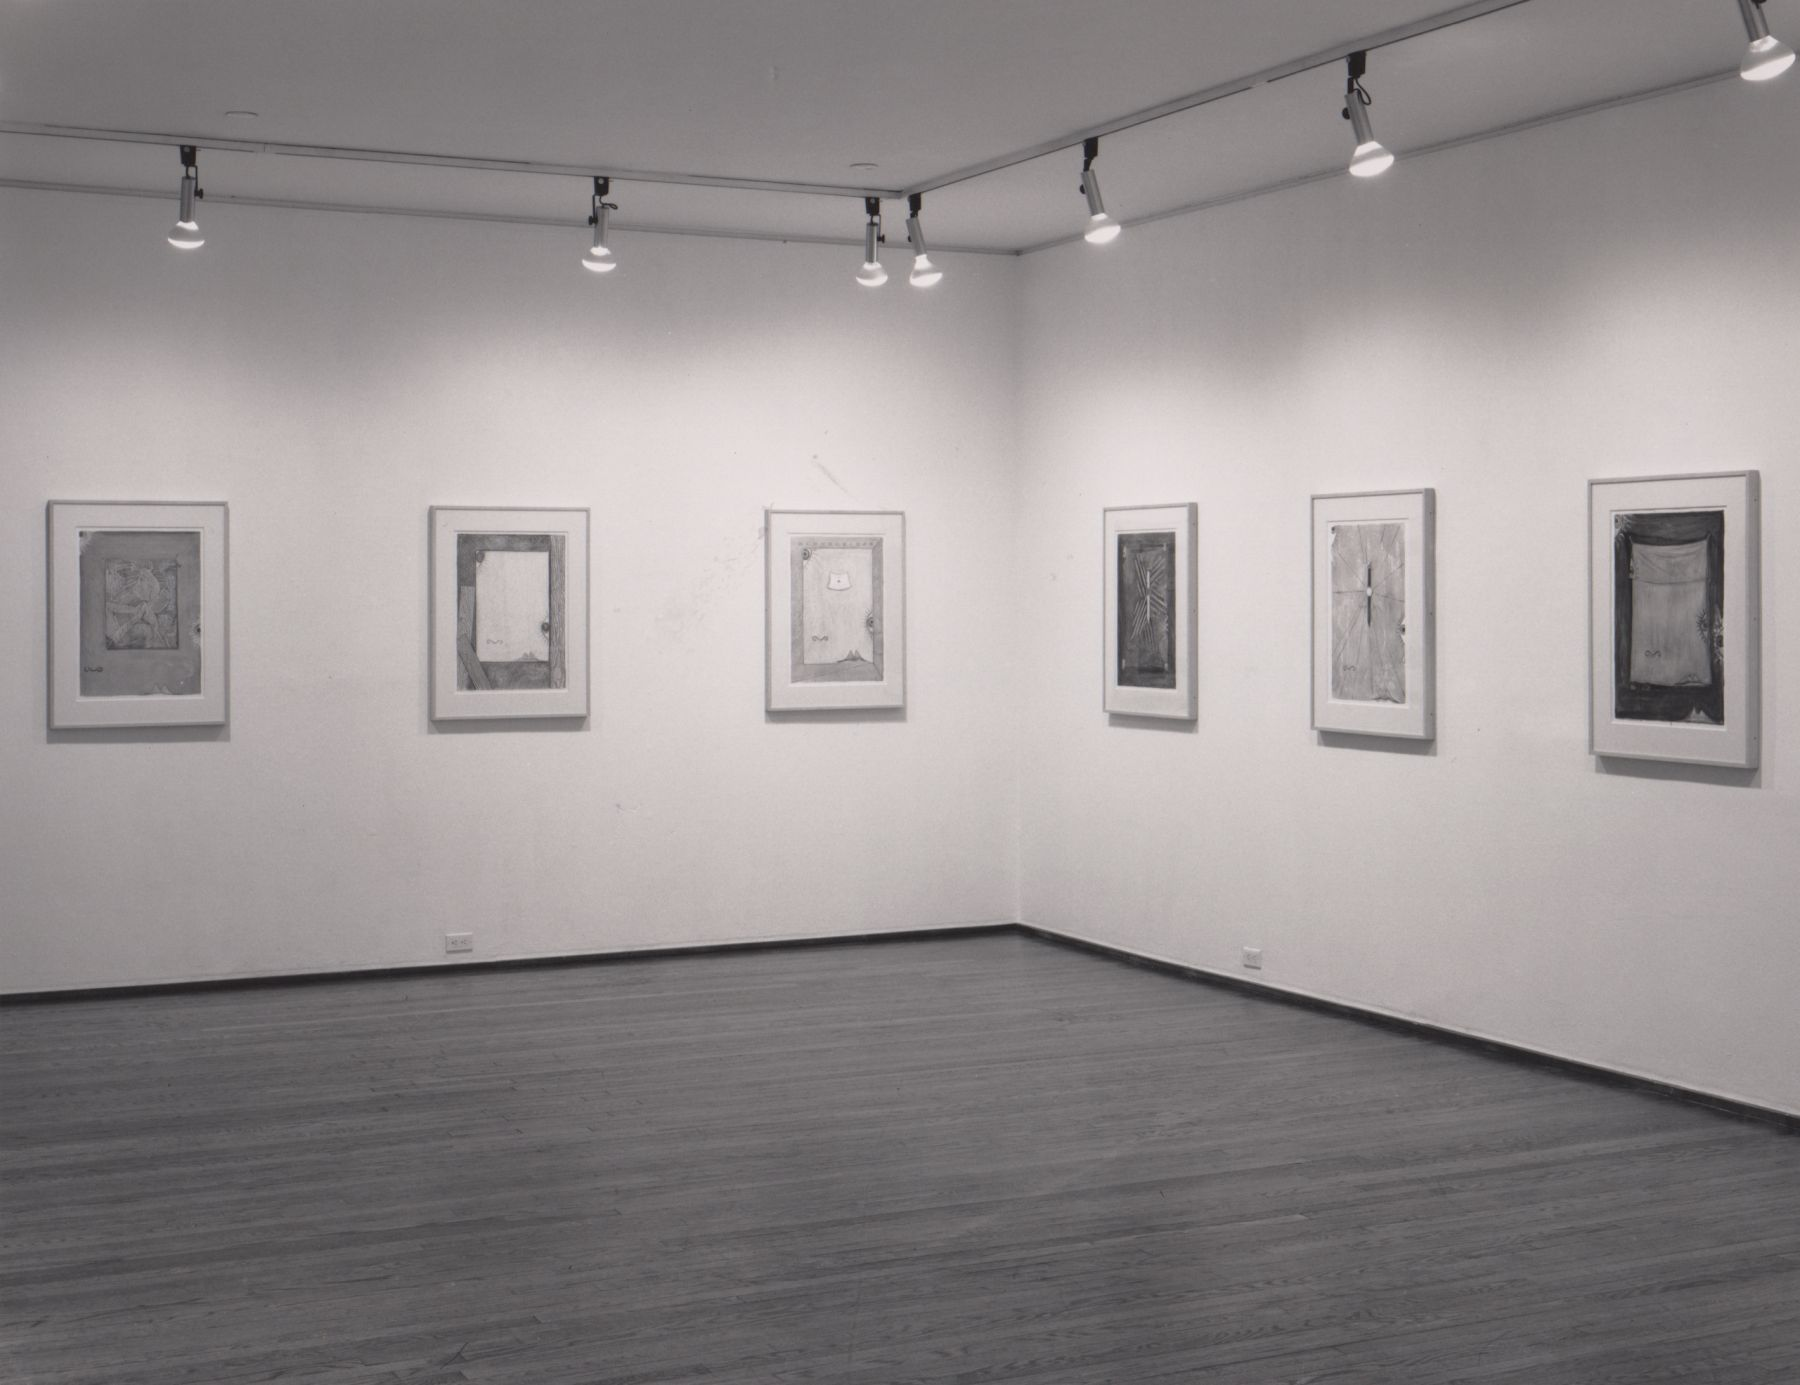 Installation view, Jasper Johns, 420 WEST BROADWAY.